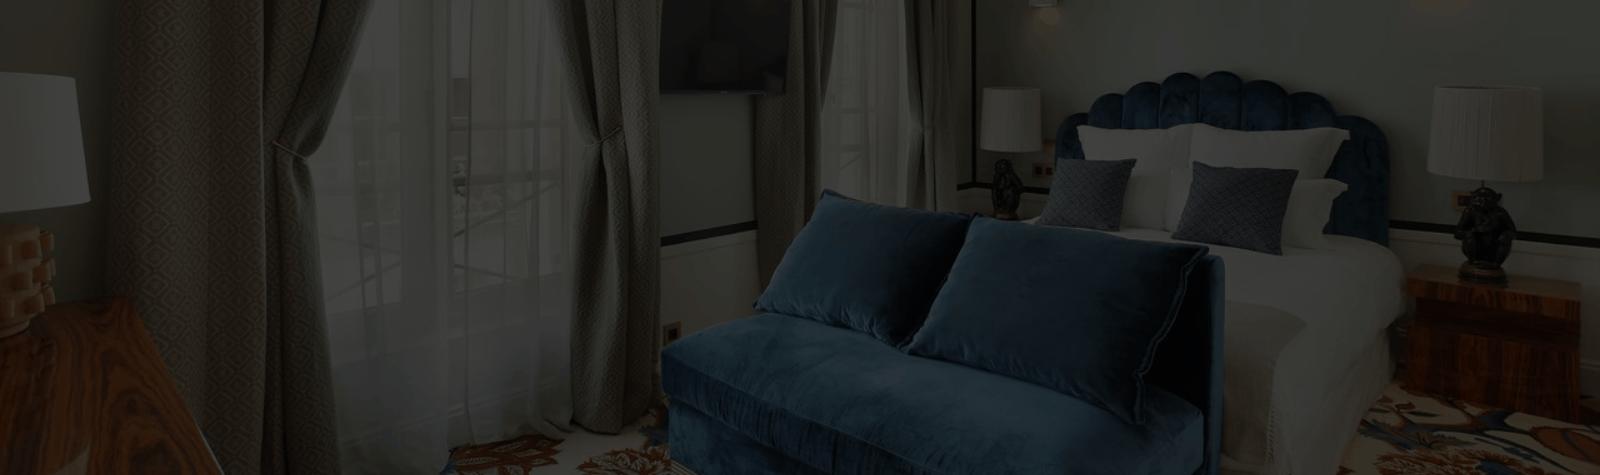 Le Groupe Arcange dévoile un hôtel confidentiel et design au cœur du Marais